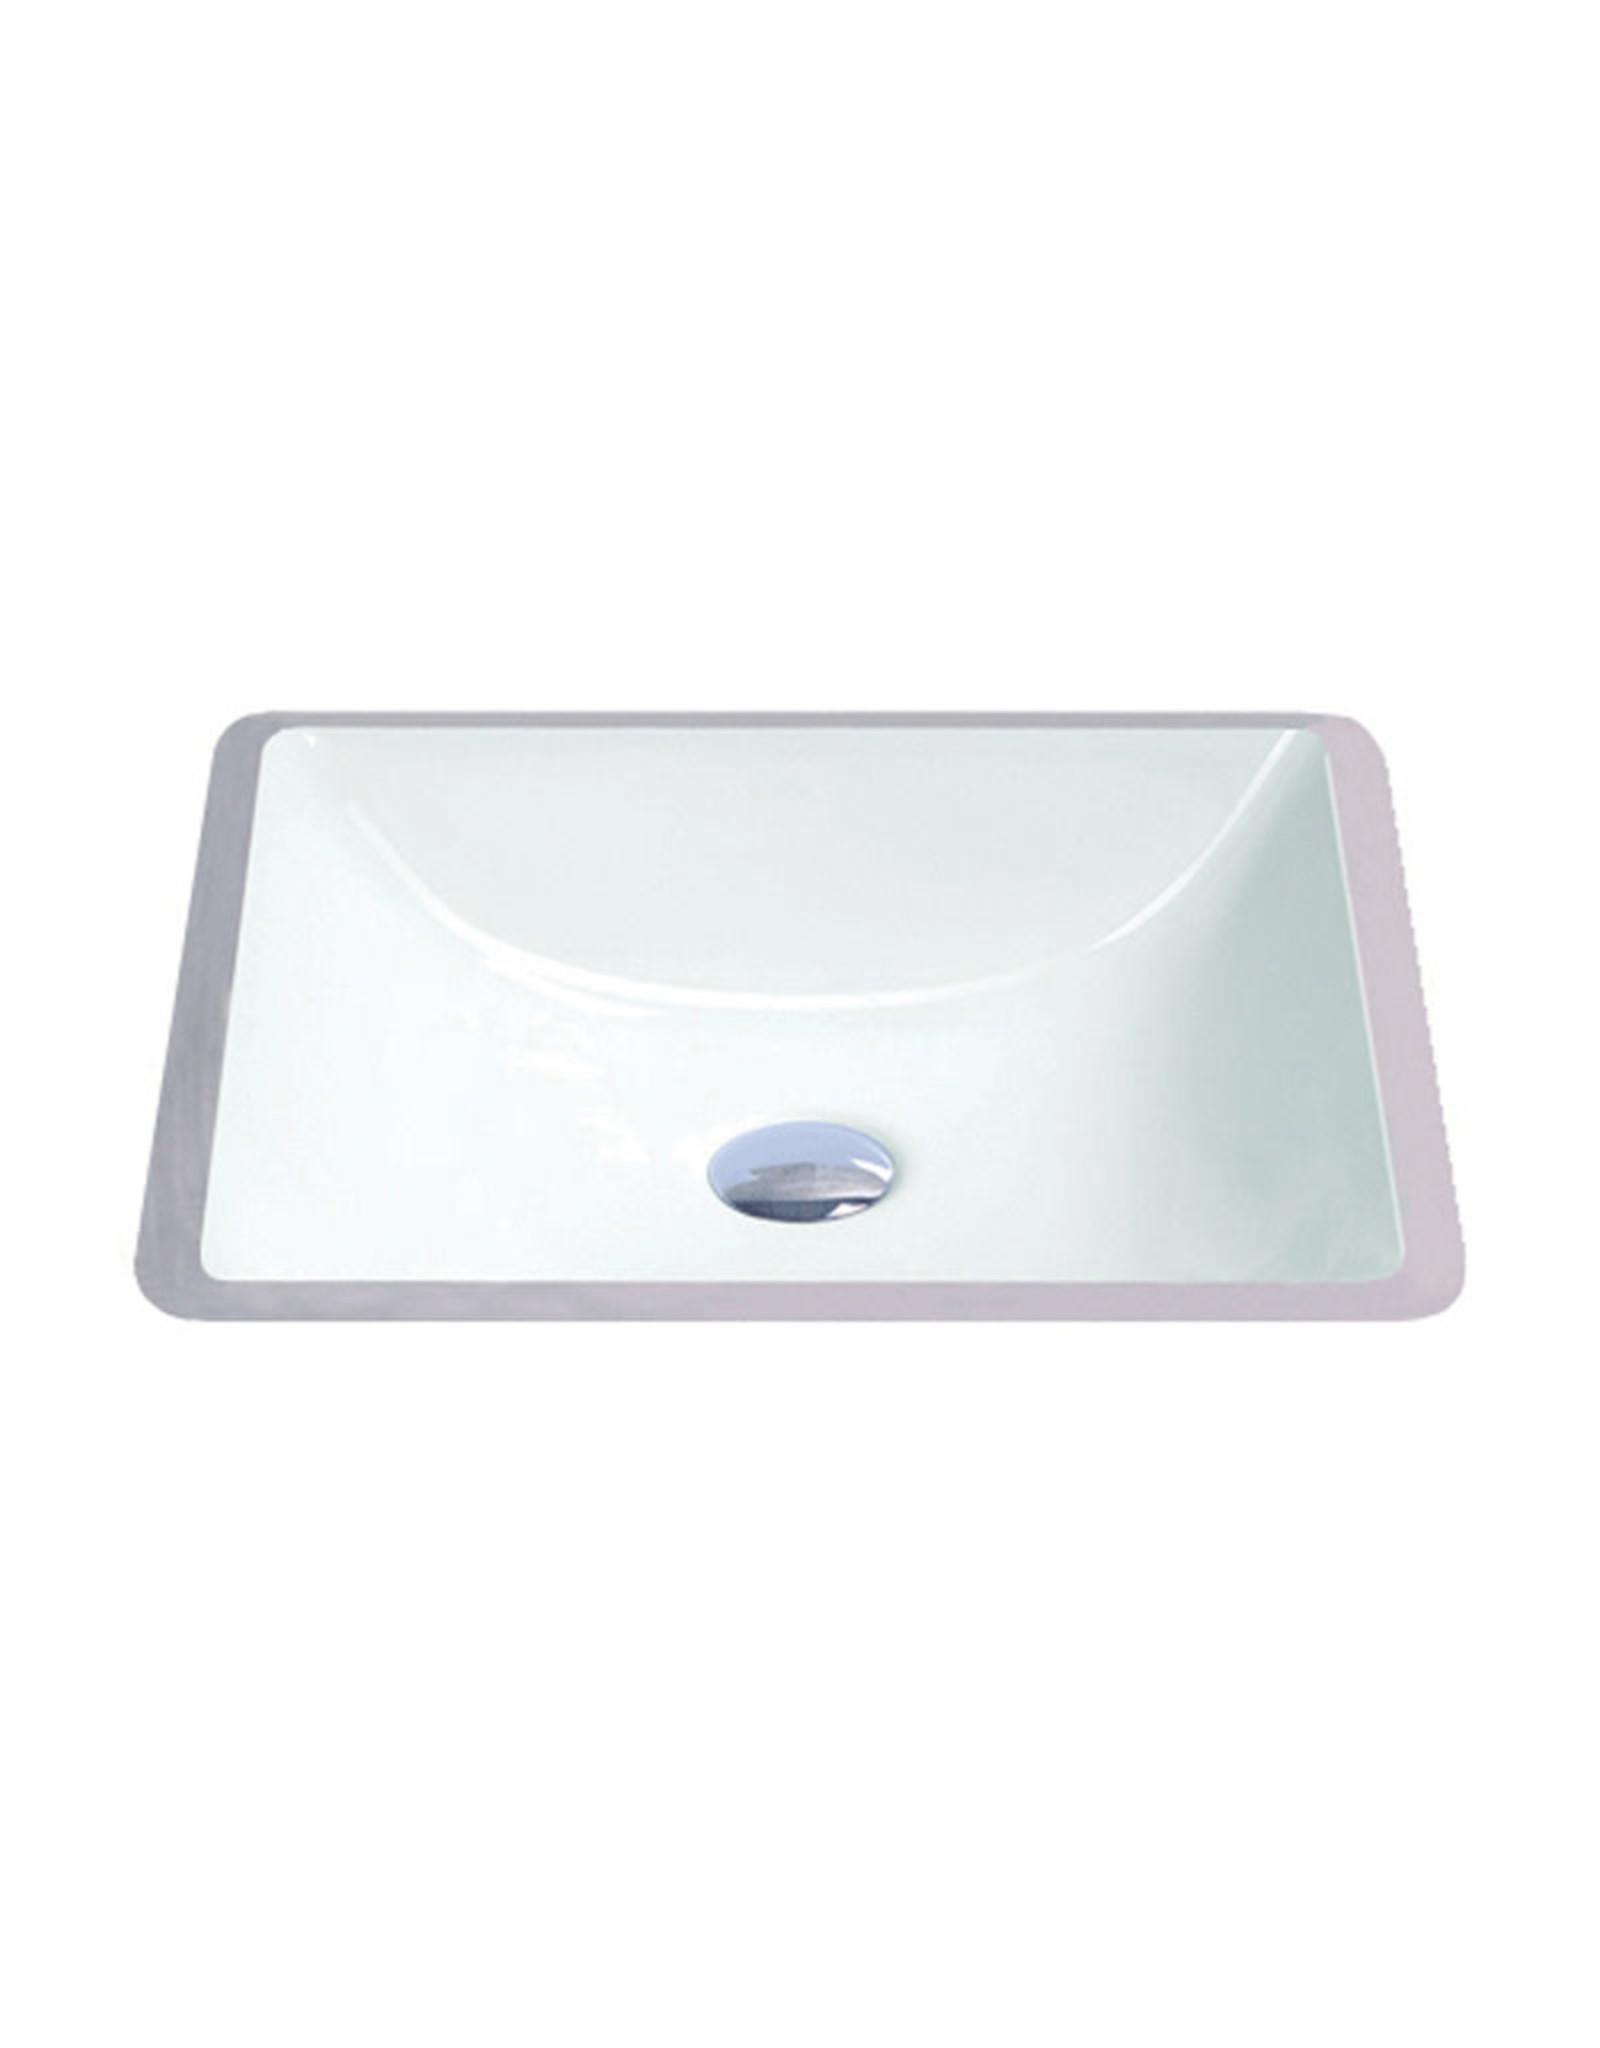 Vogt Vogt Brau Undermount White Lav Sink